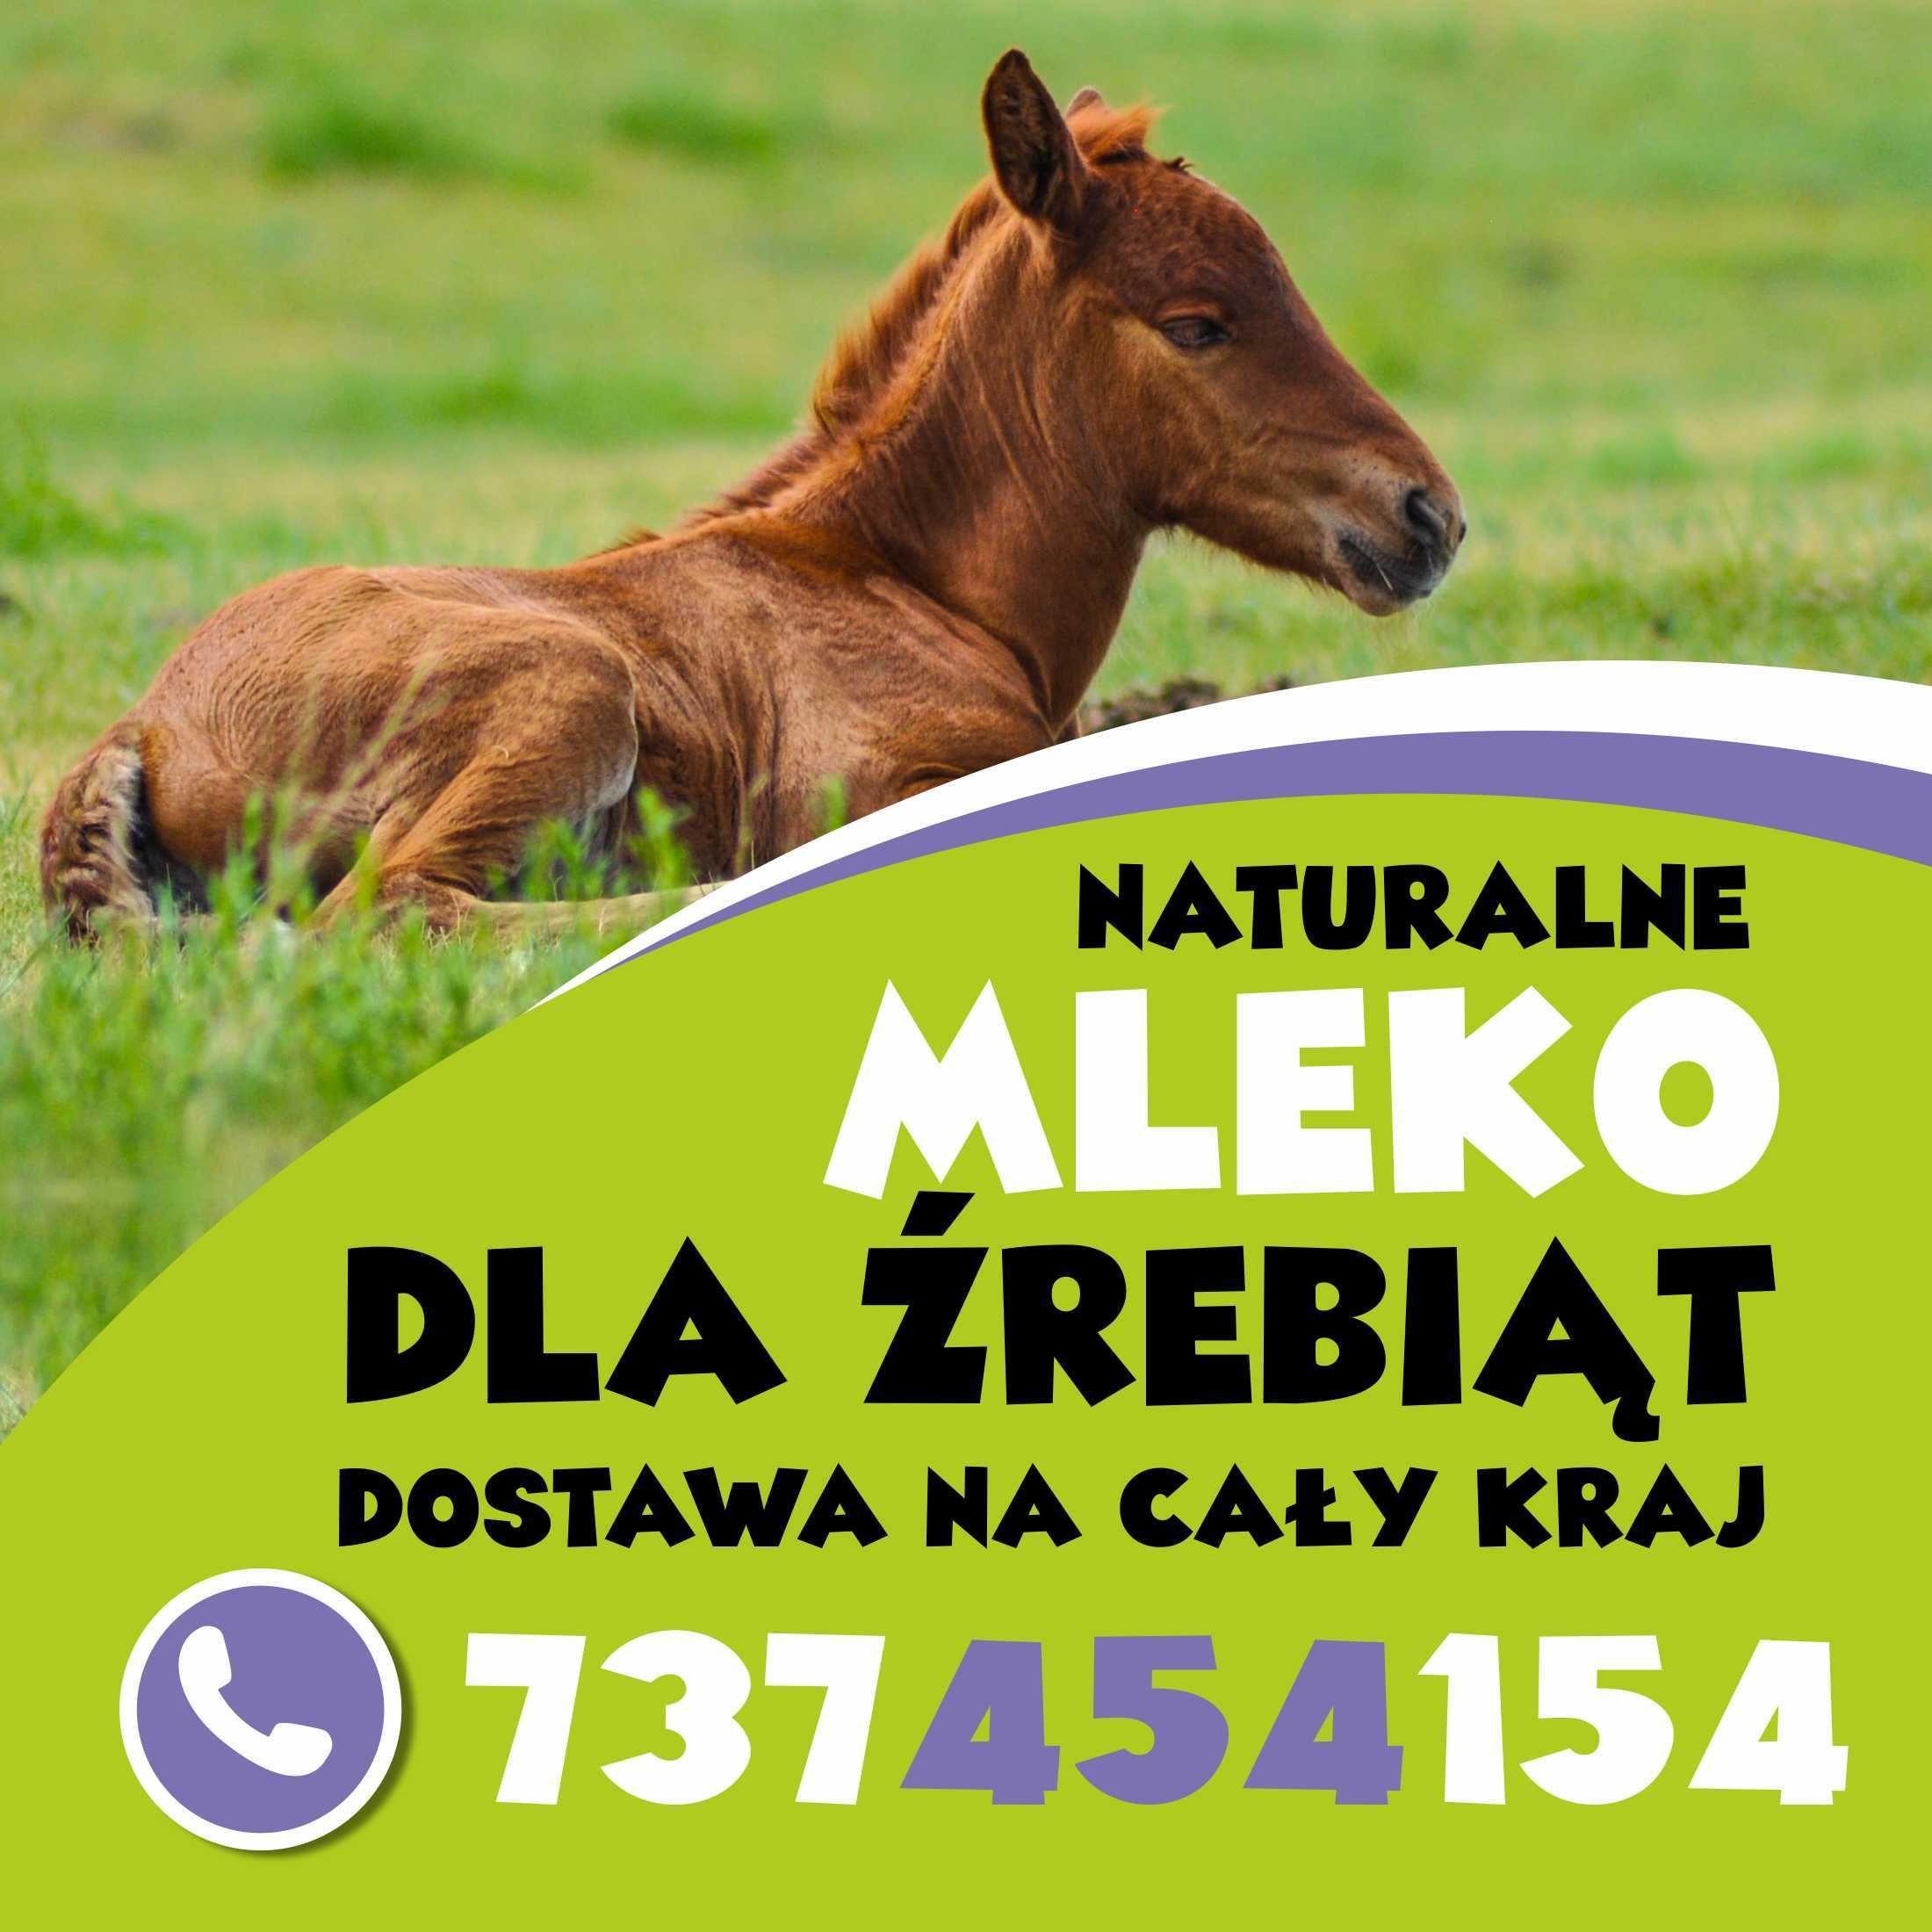 zrebaki kuce konie  cała Polska   szybka wysyłka